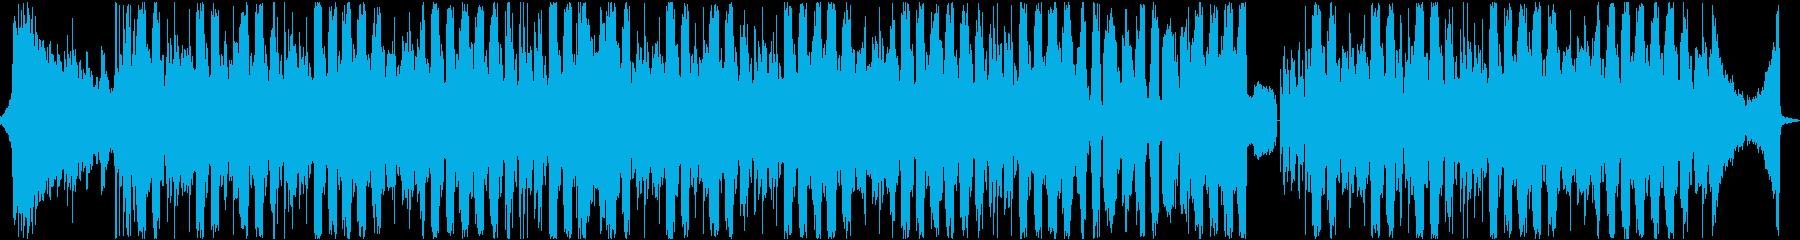 エスニックな雰囲気のコンプレクストロの再生済みの波形